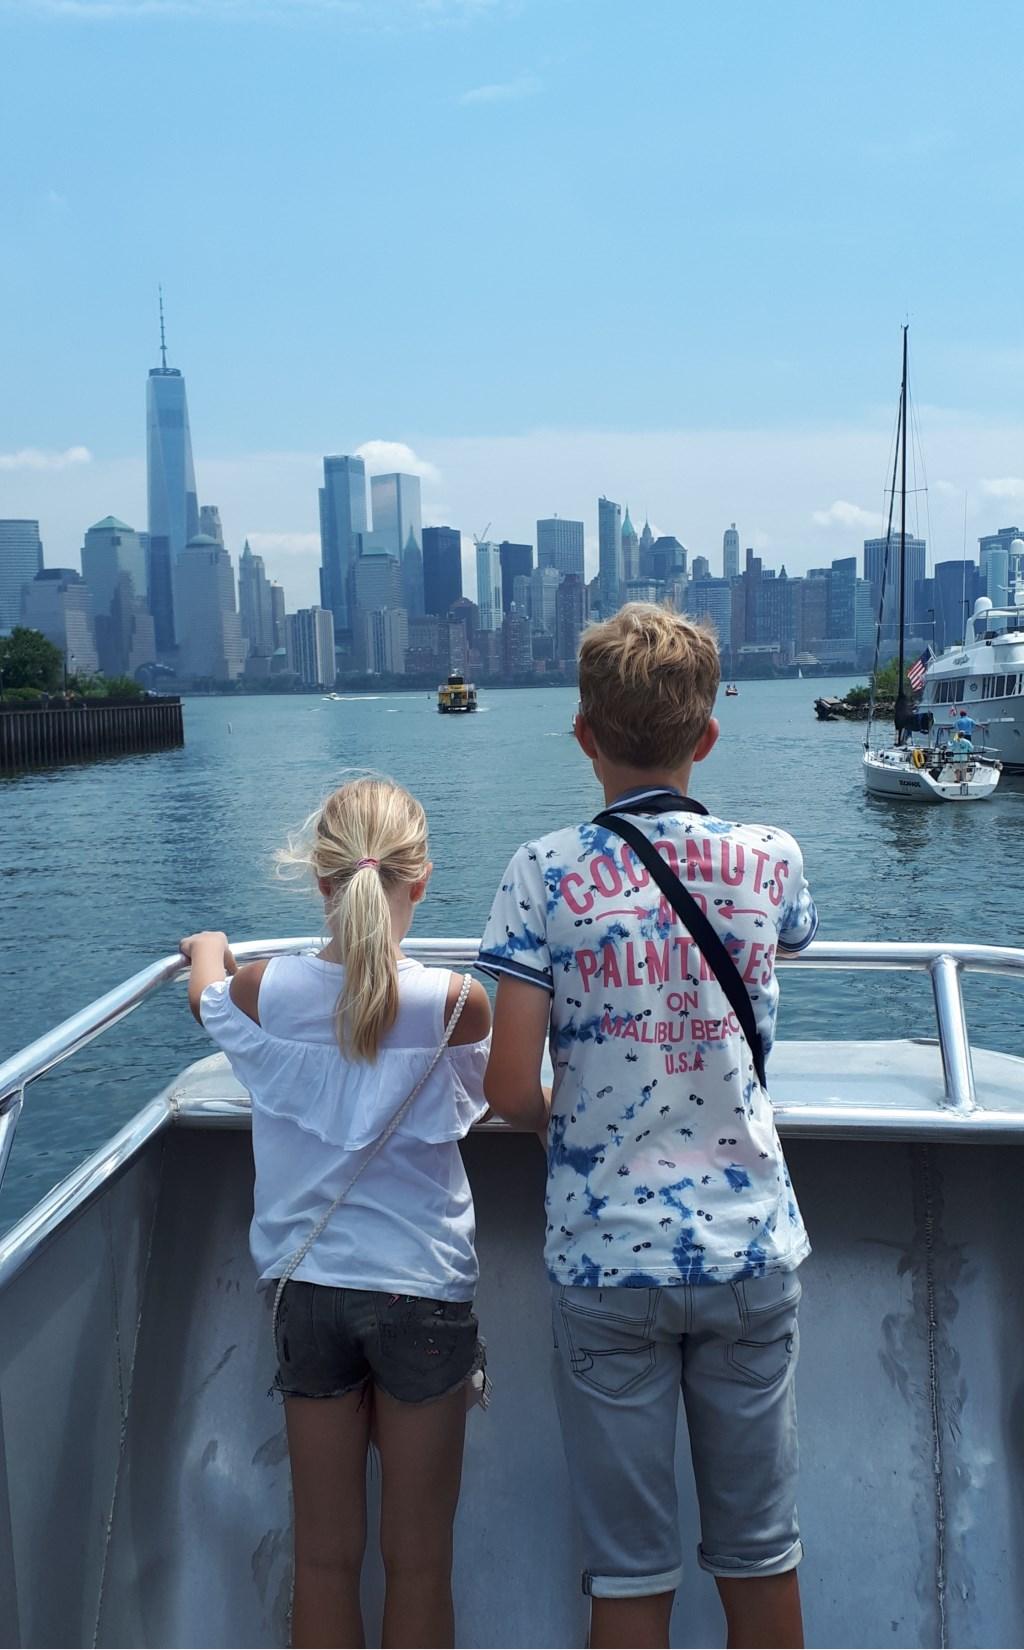 Mooi uitzicht op de skyline van New York. Jort en Marit Keeren  © MooiRooi